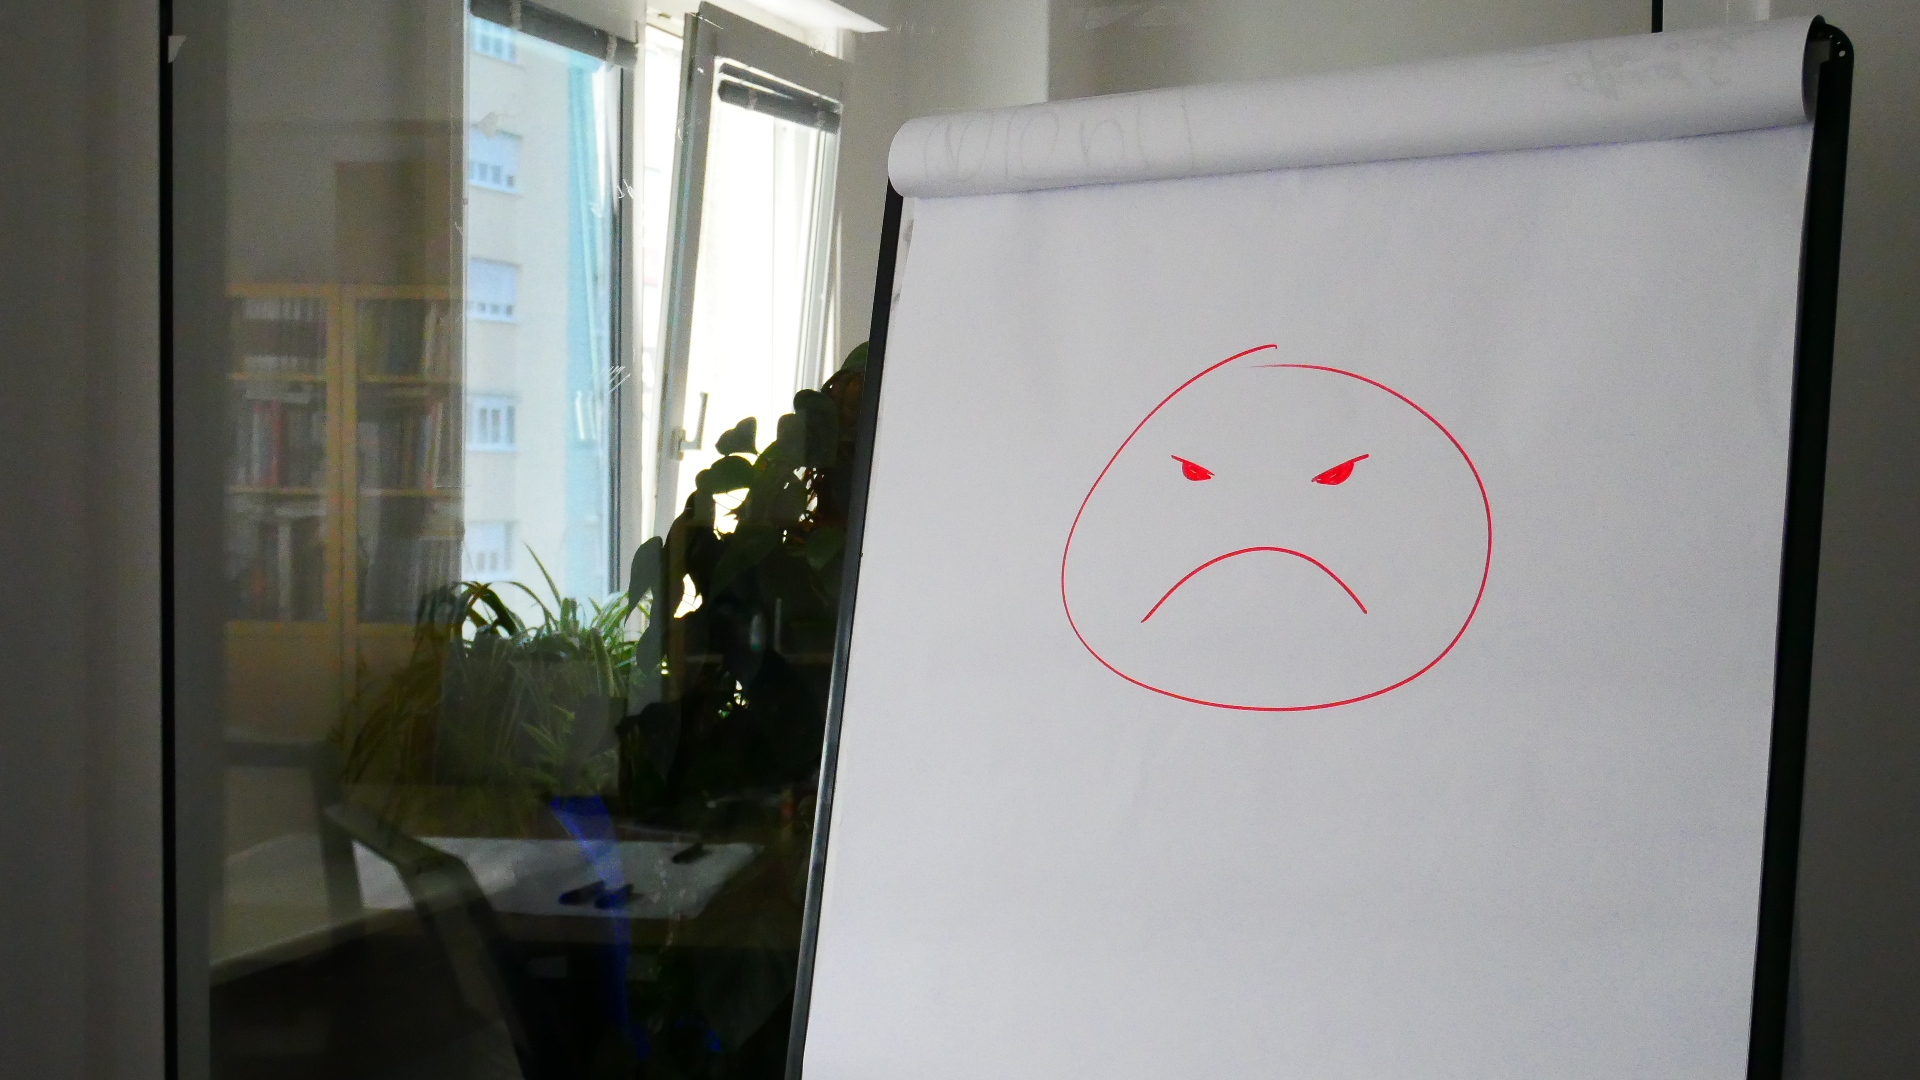 Nenásilná komunikácia pomáha riešiť konflikty a zvládať hnev pri strete názorov